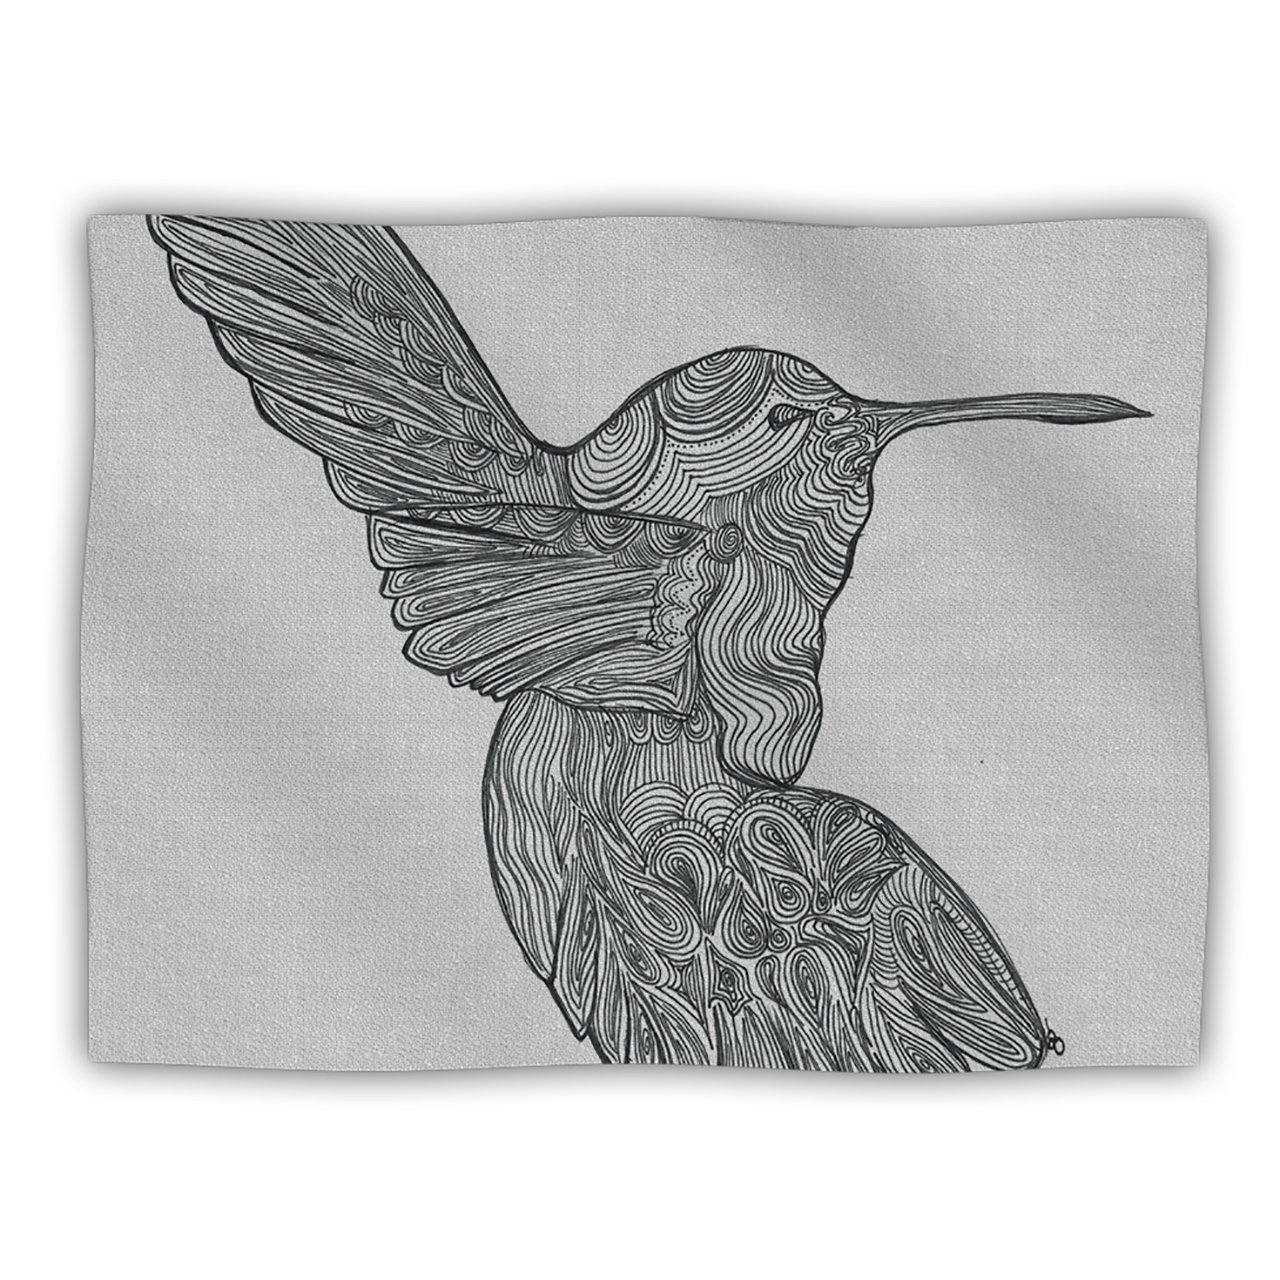 Kess InHouse Belinda Gillies Hummingbird  Pet Blanket, 40 by 30-Inch